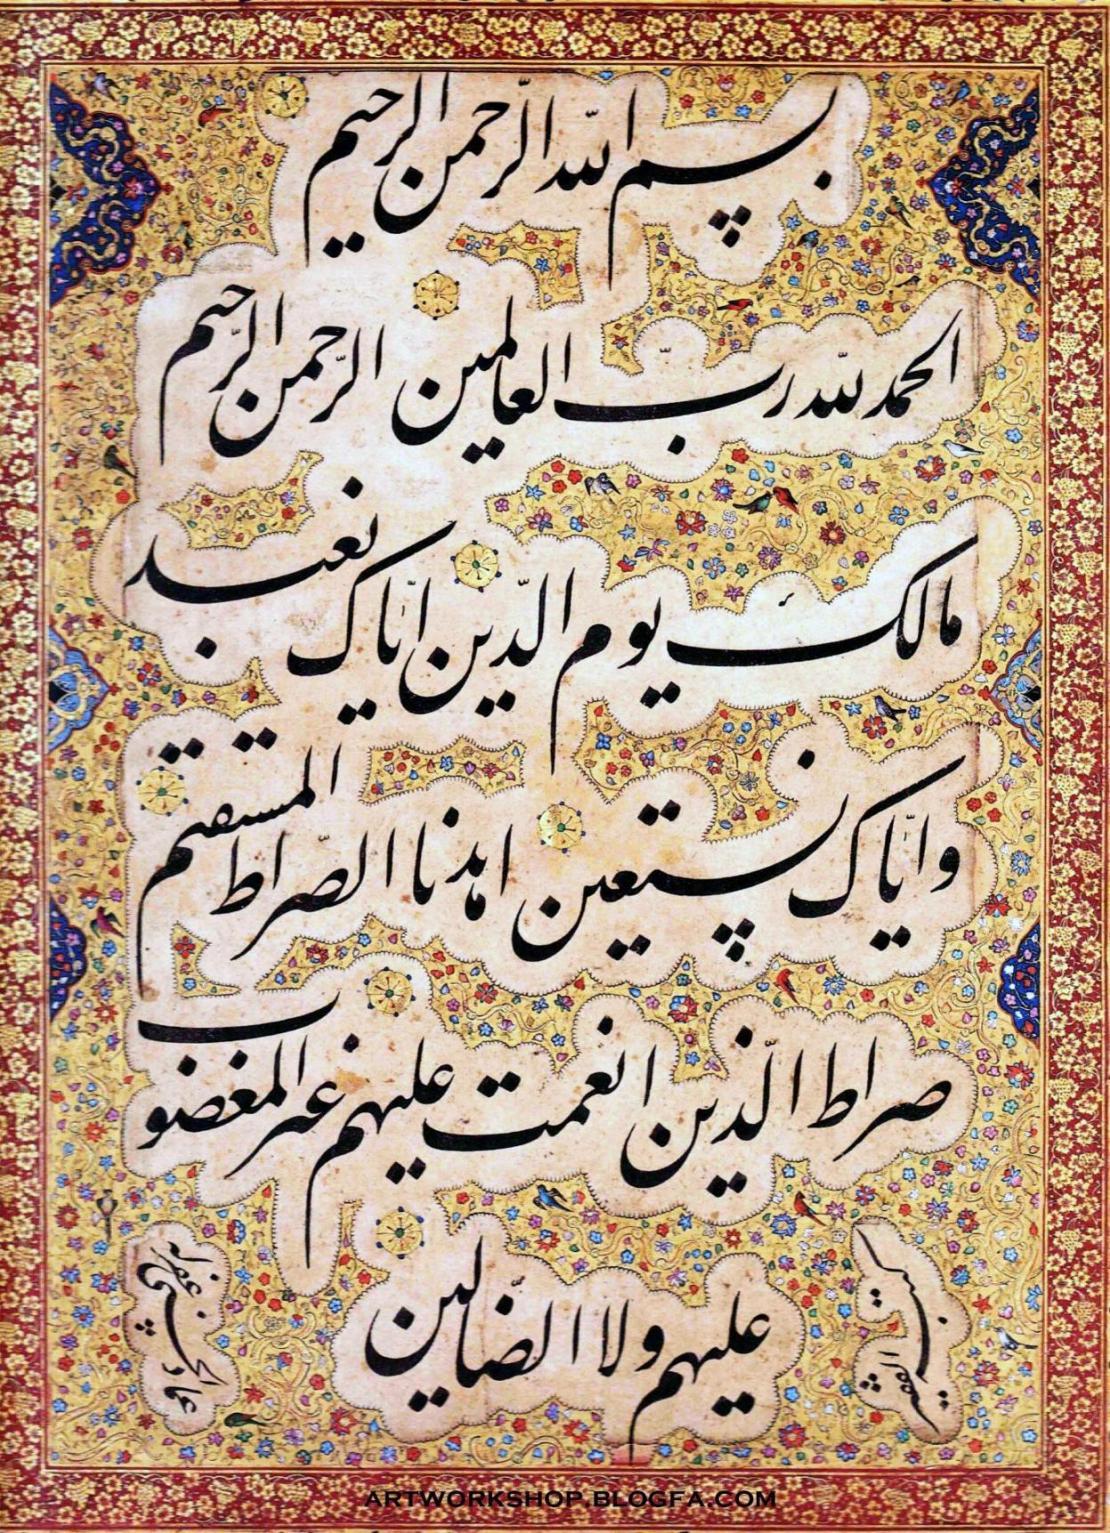 ختم سوره مشلول الخط العربي والزخرفة الإسلامية - تحميل الصور. القوام